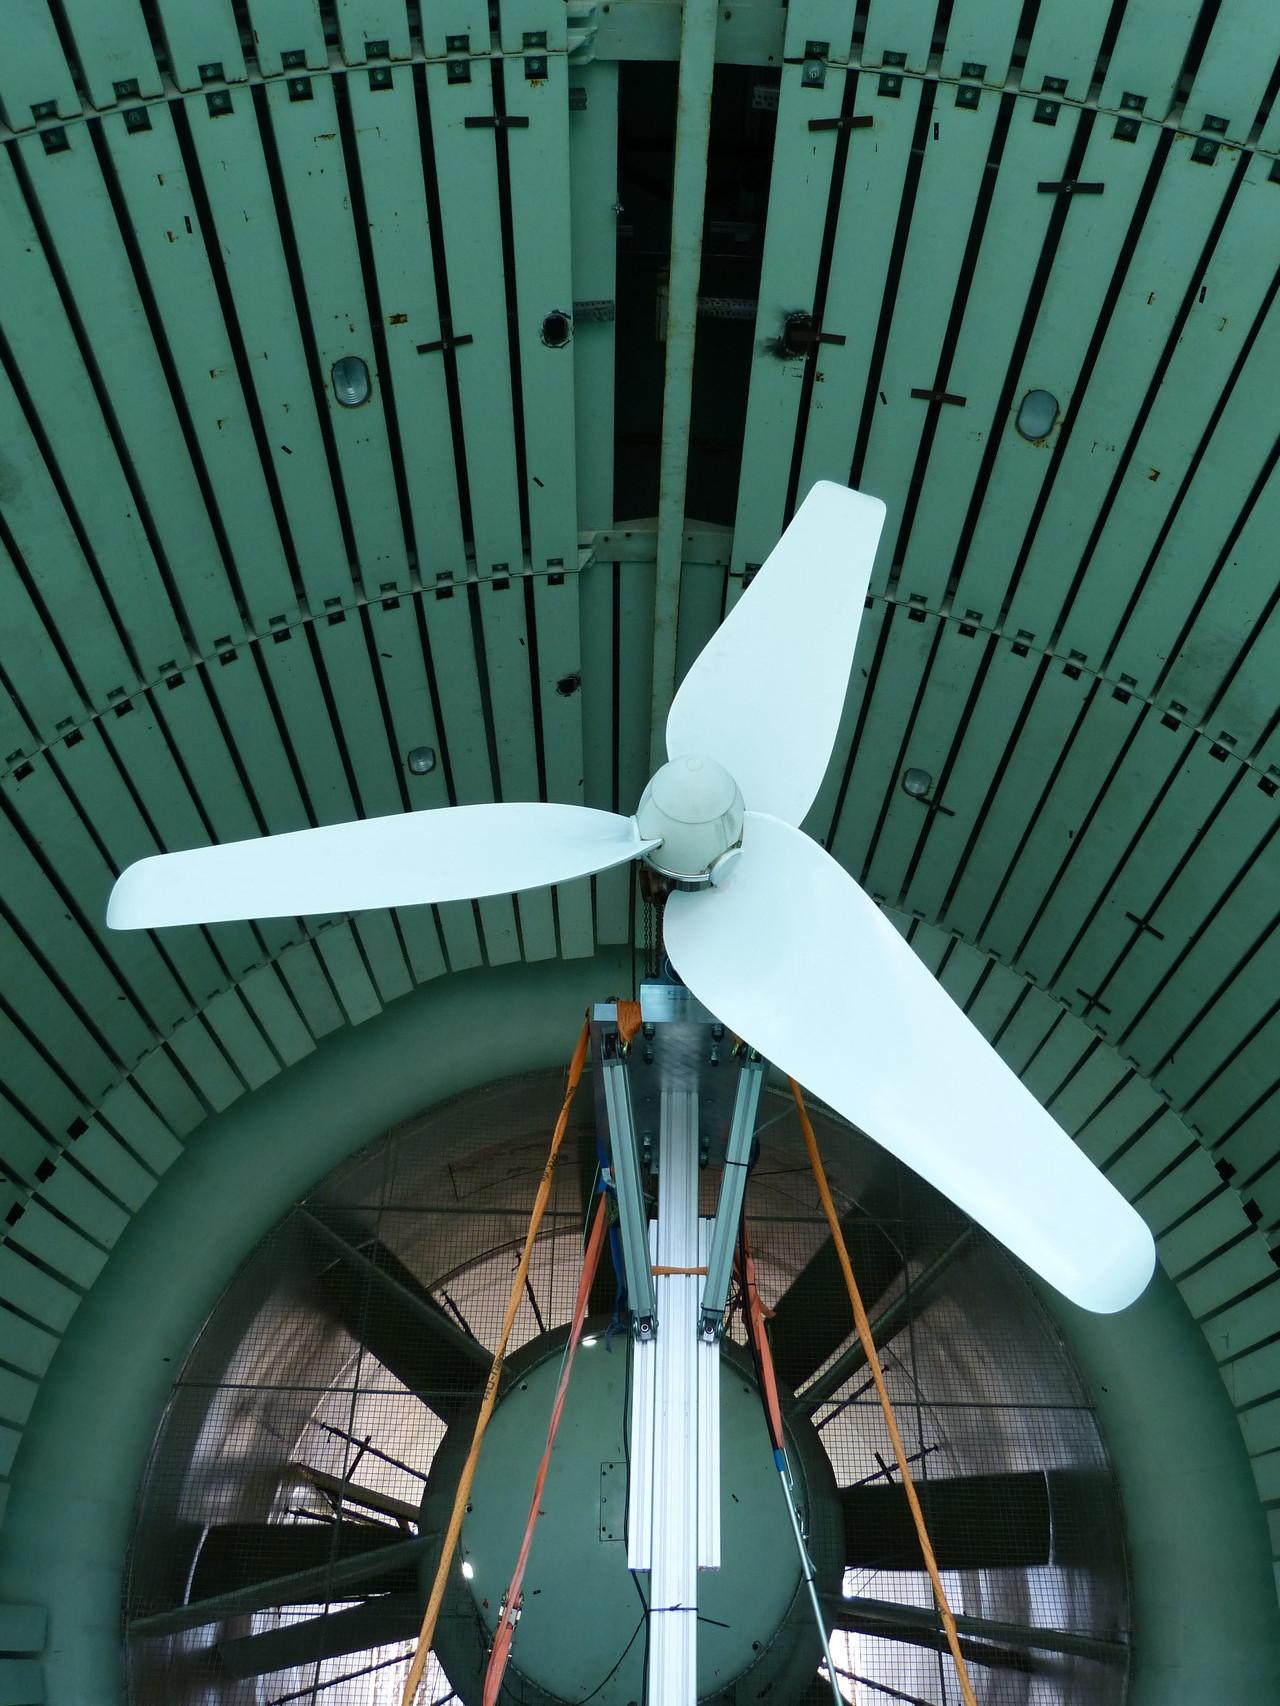 Windrad im Windkanal